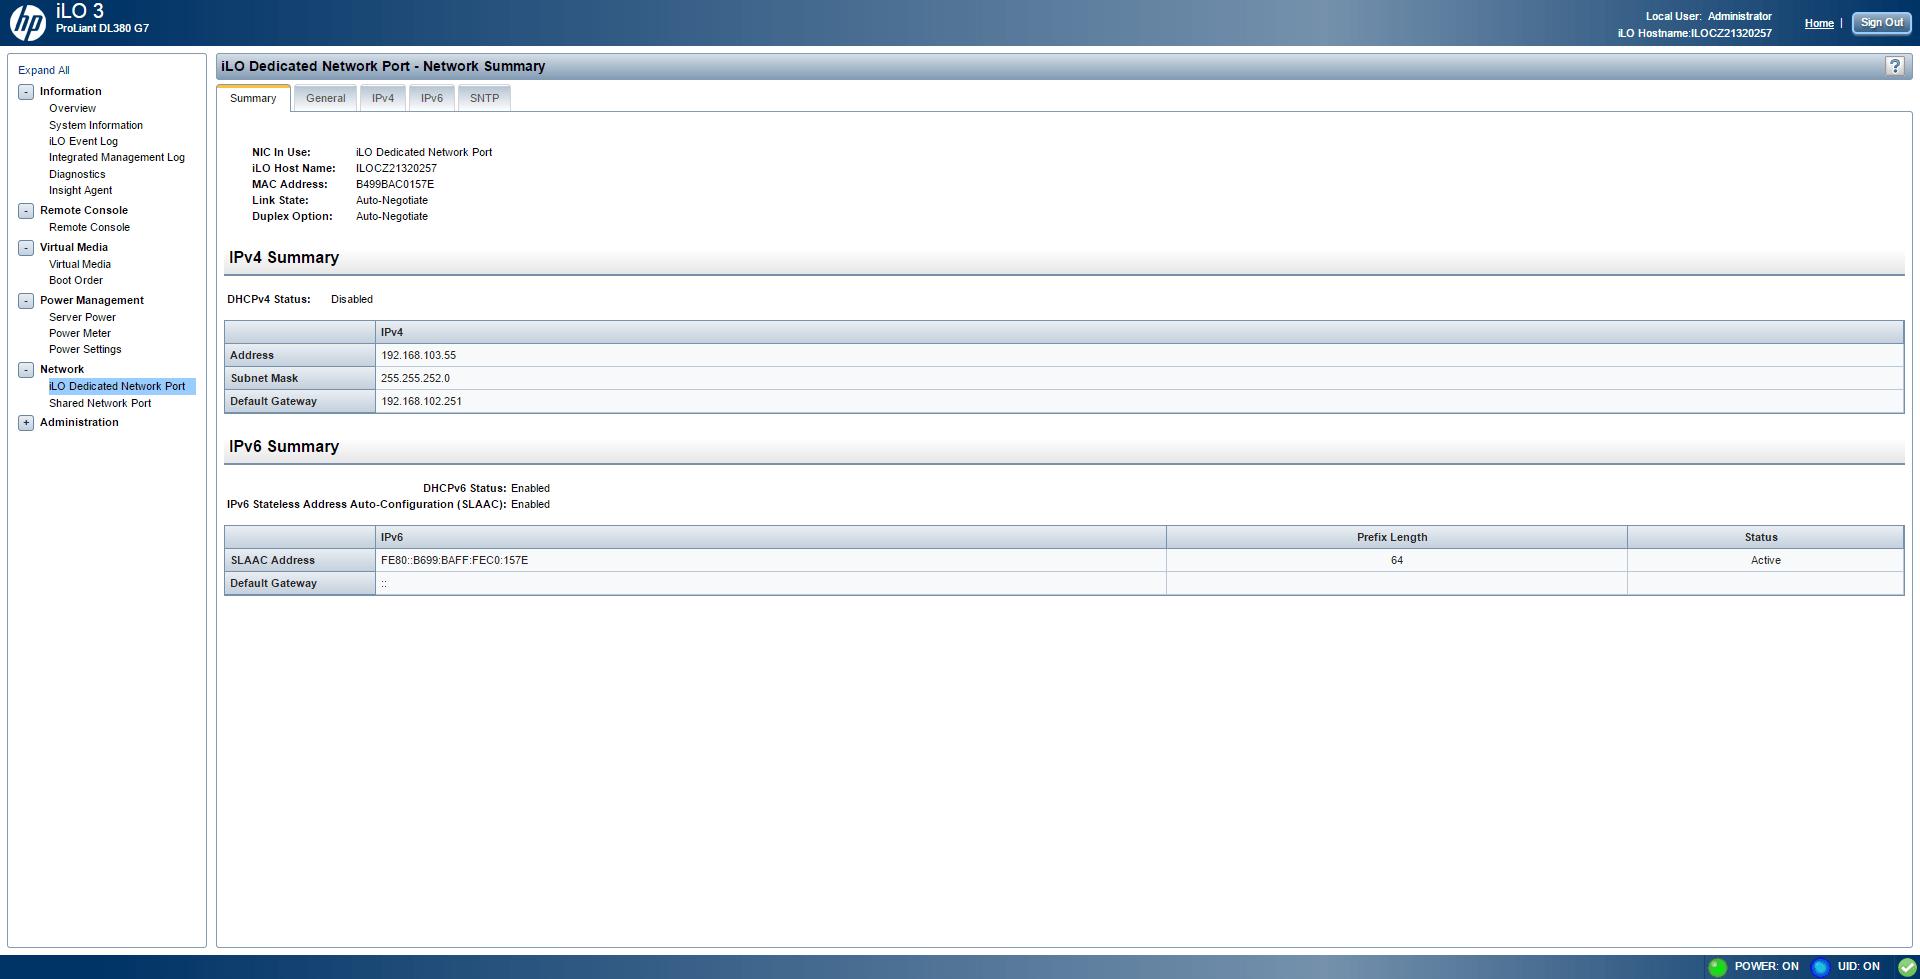 Обзор параметров ILO 3 в HP dl380 g7-18